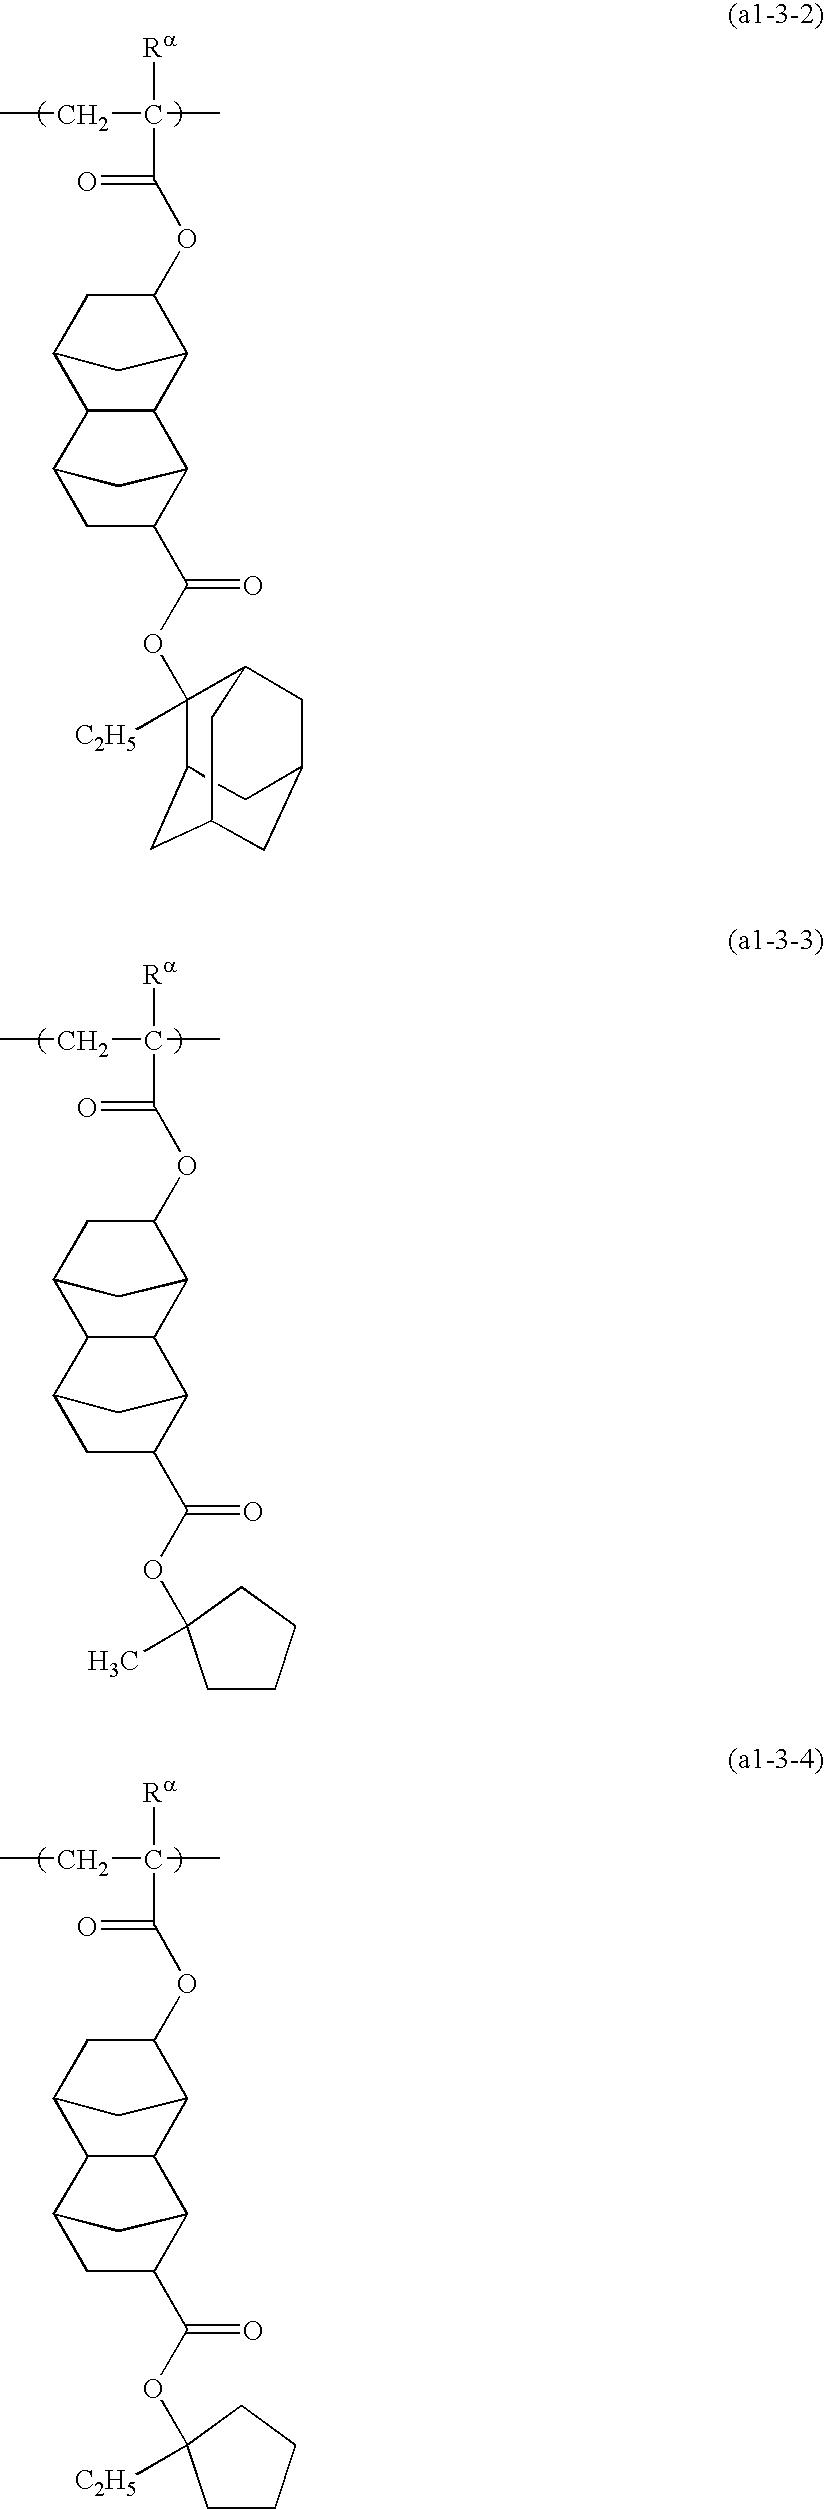 Figure US20100196821A1-20100805-C00034